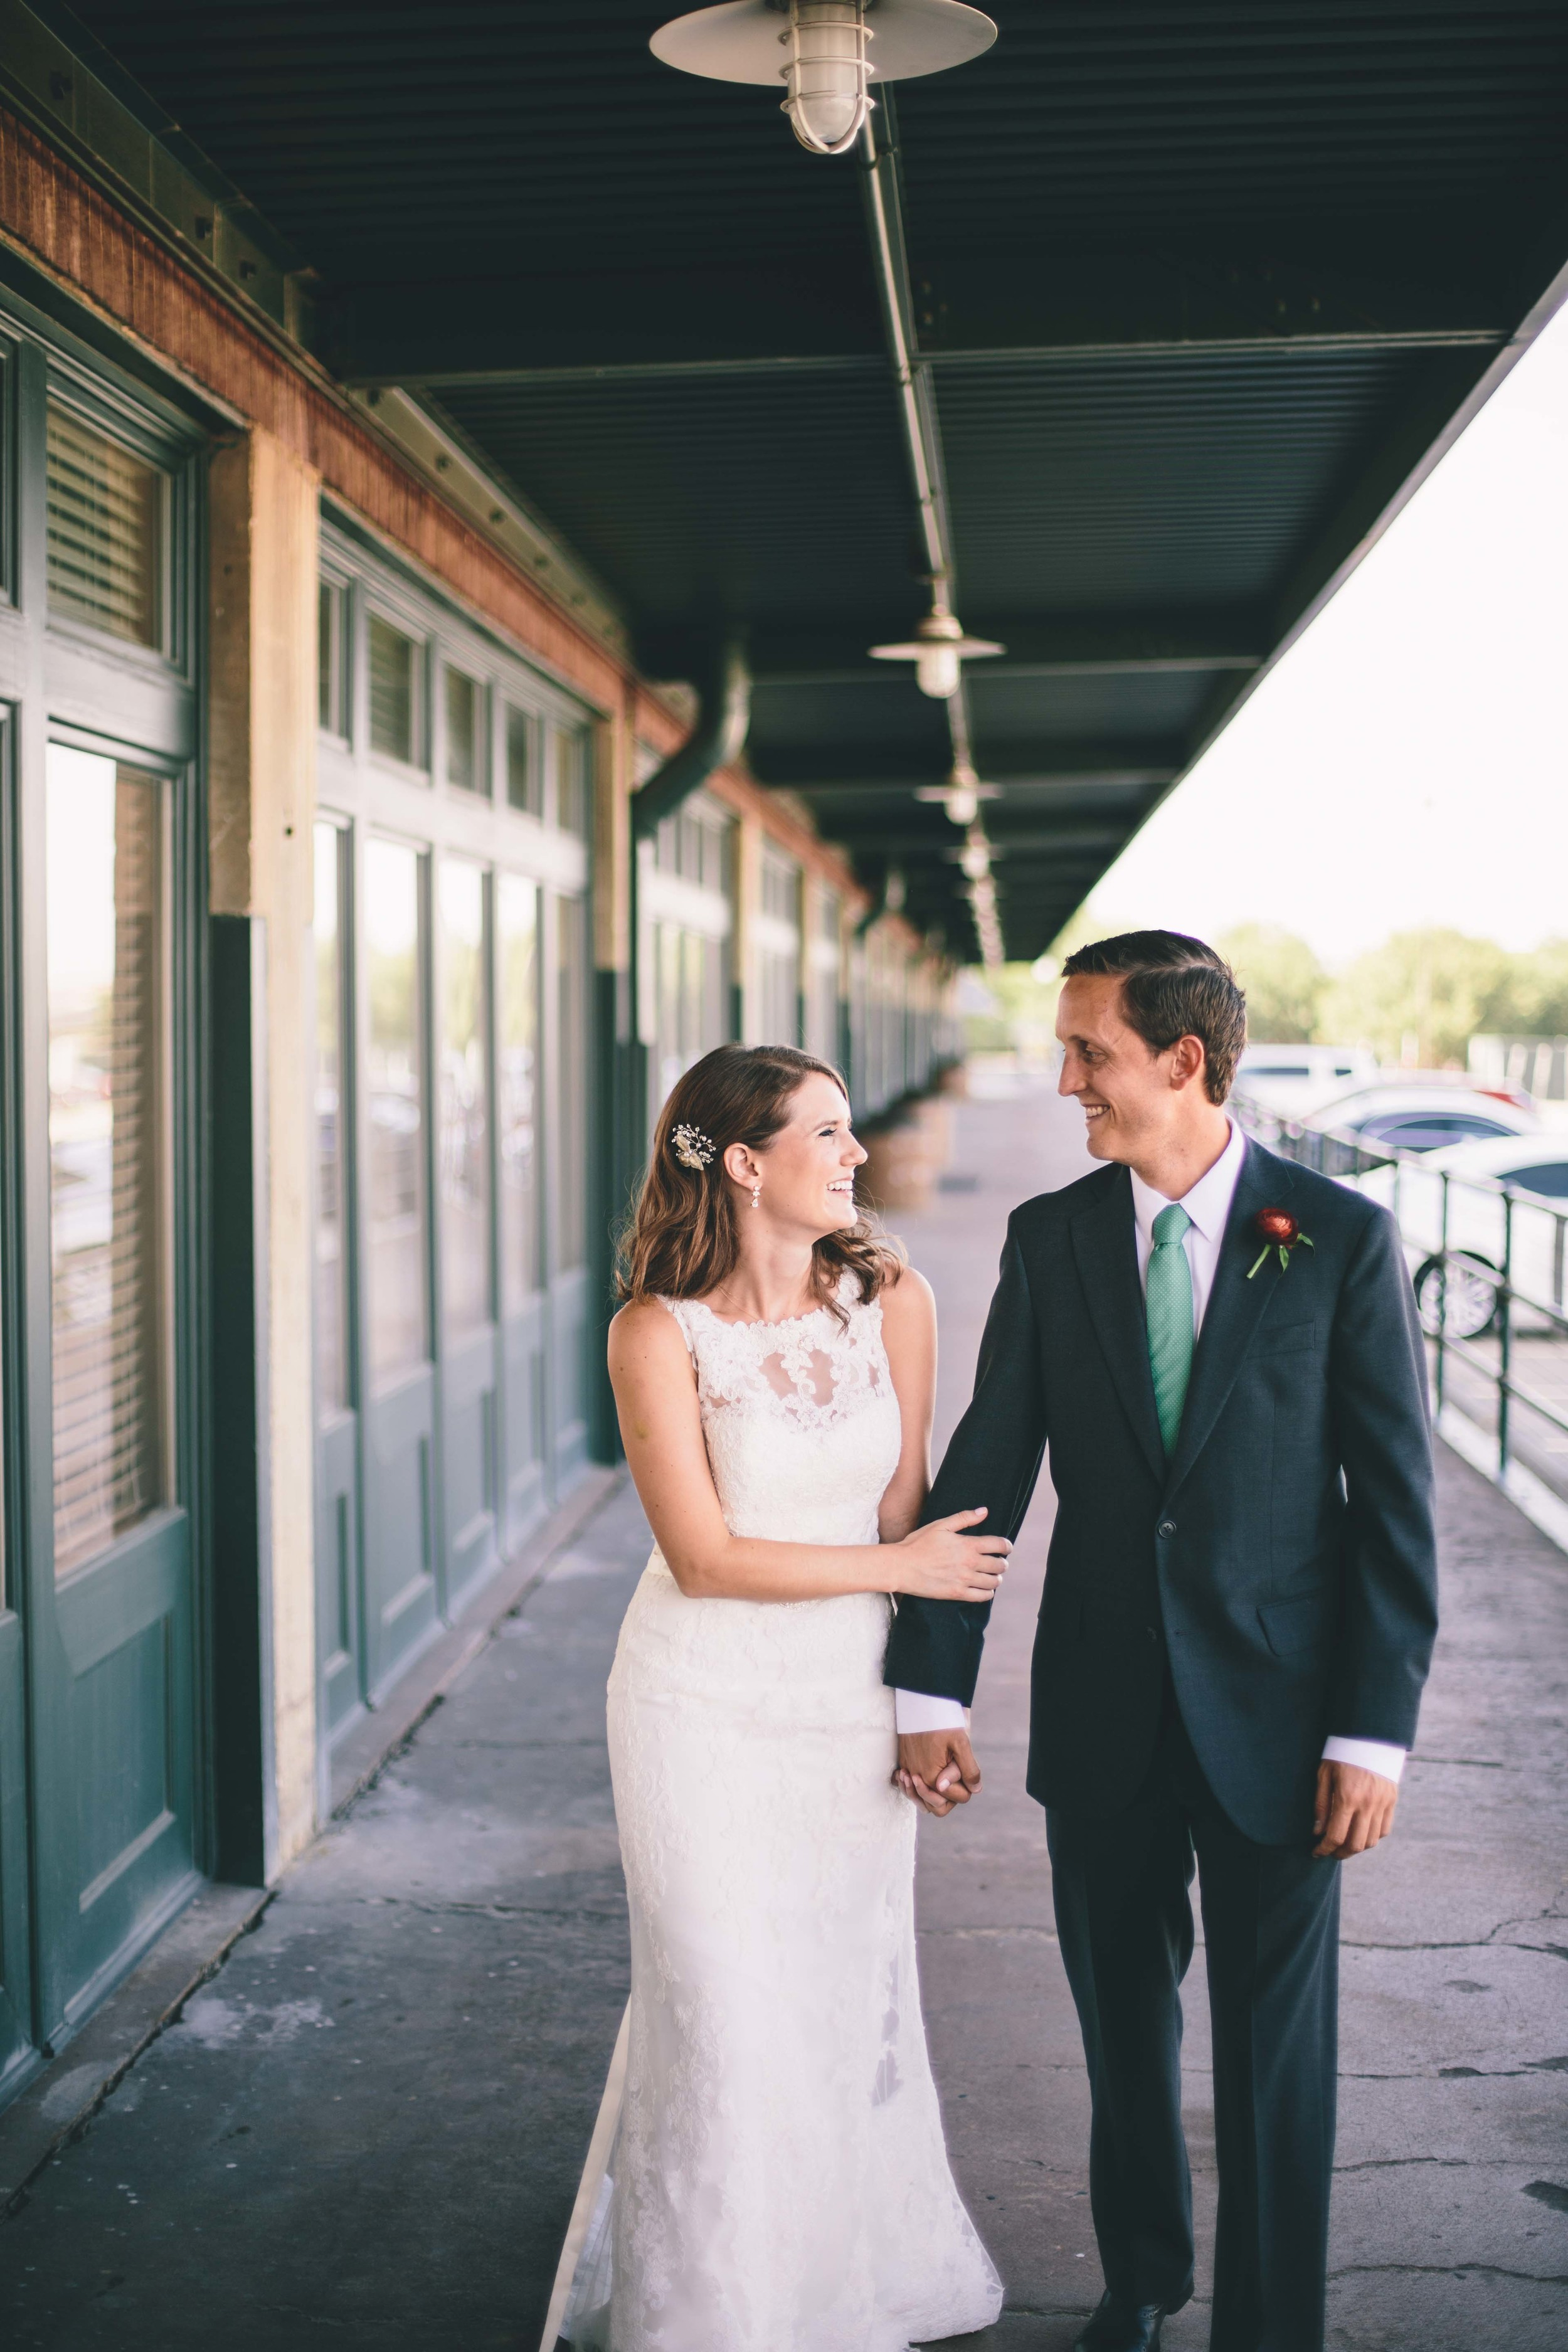 Erin & Blake